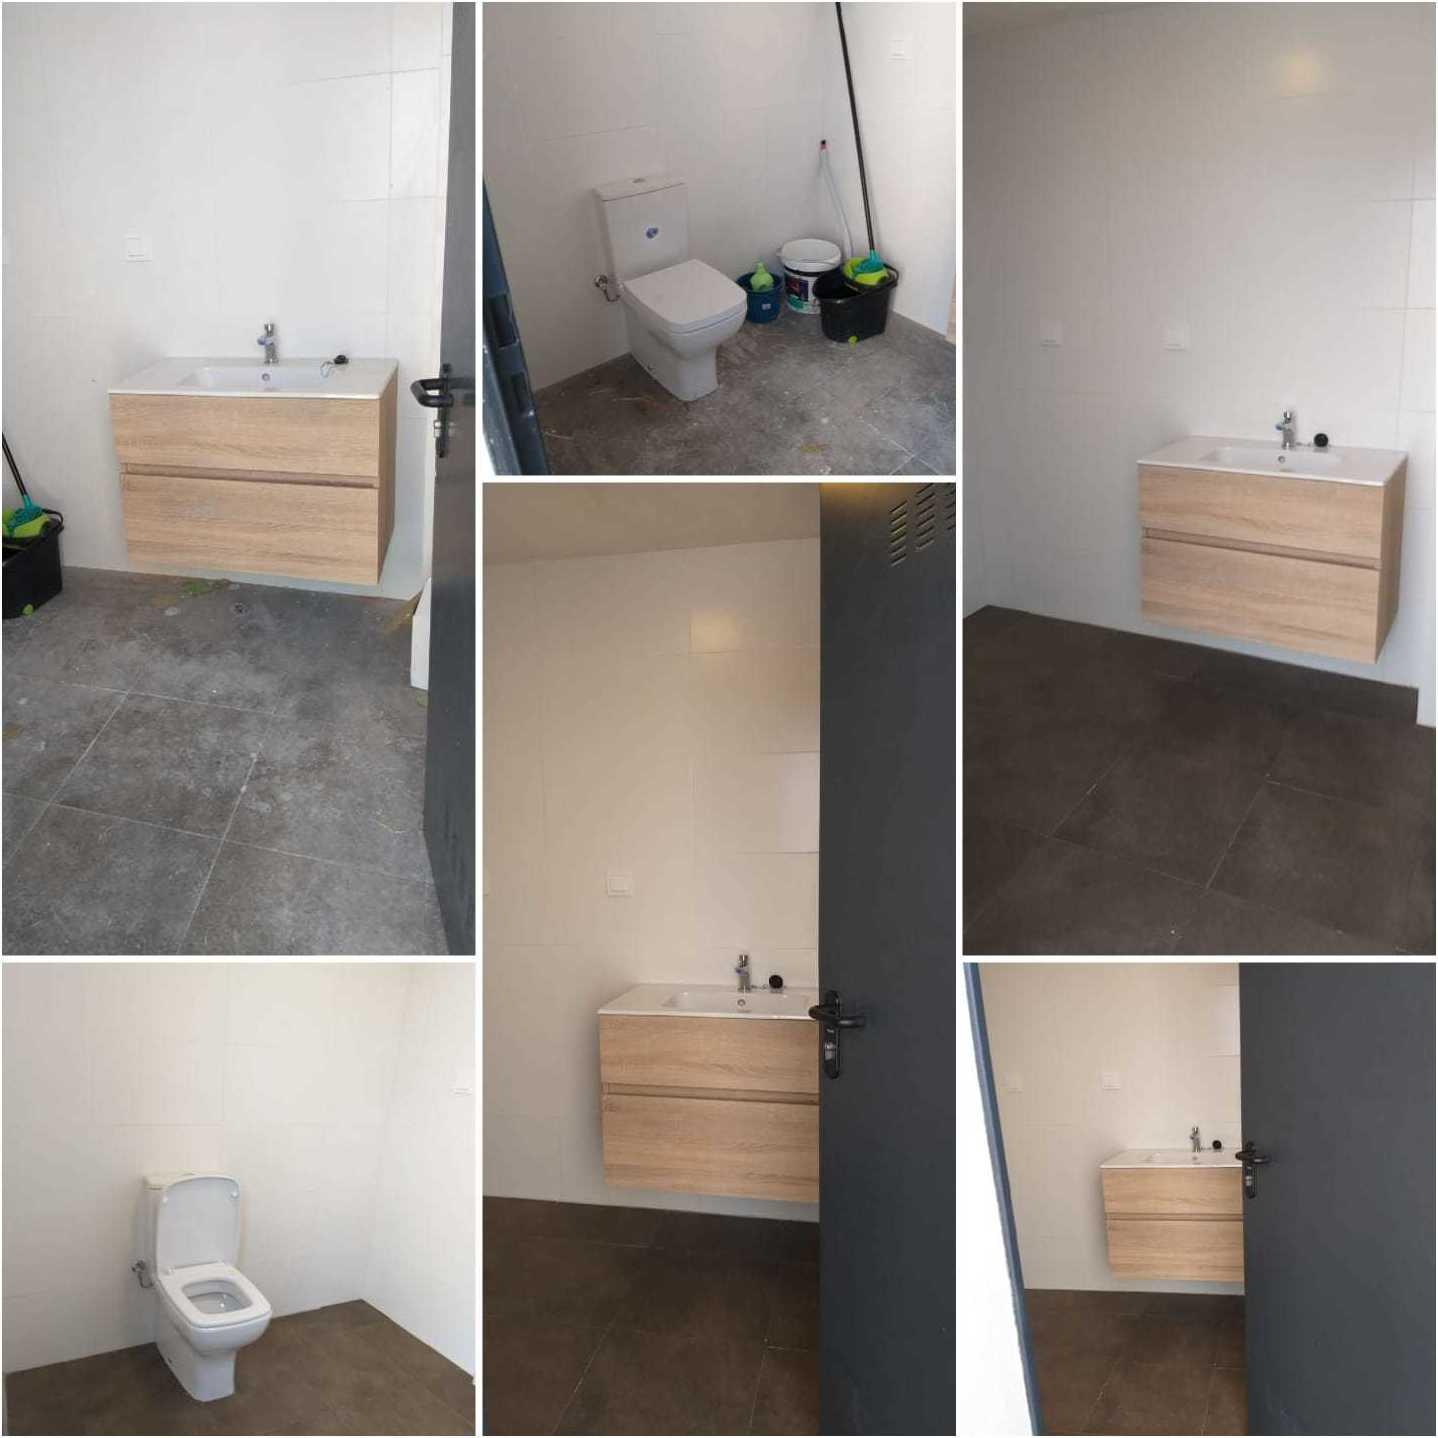 Foto 2 de Limpiezas para empresas y particulares en Aguadulce | Limpiezas La Morena